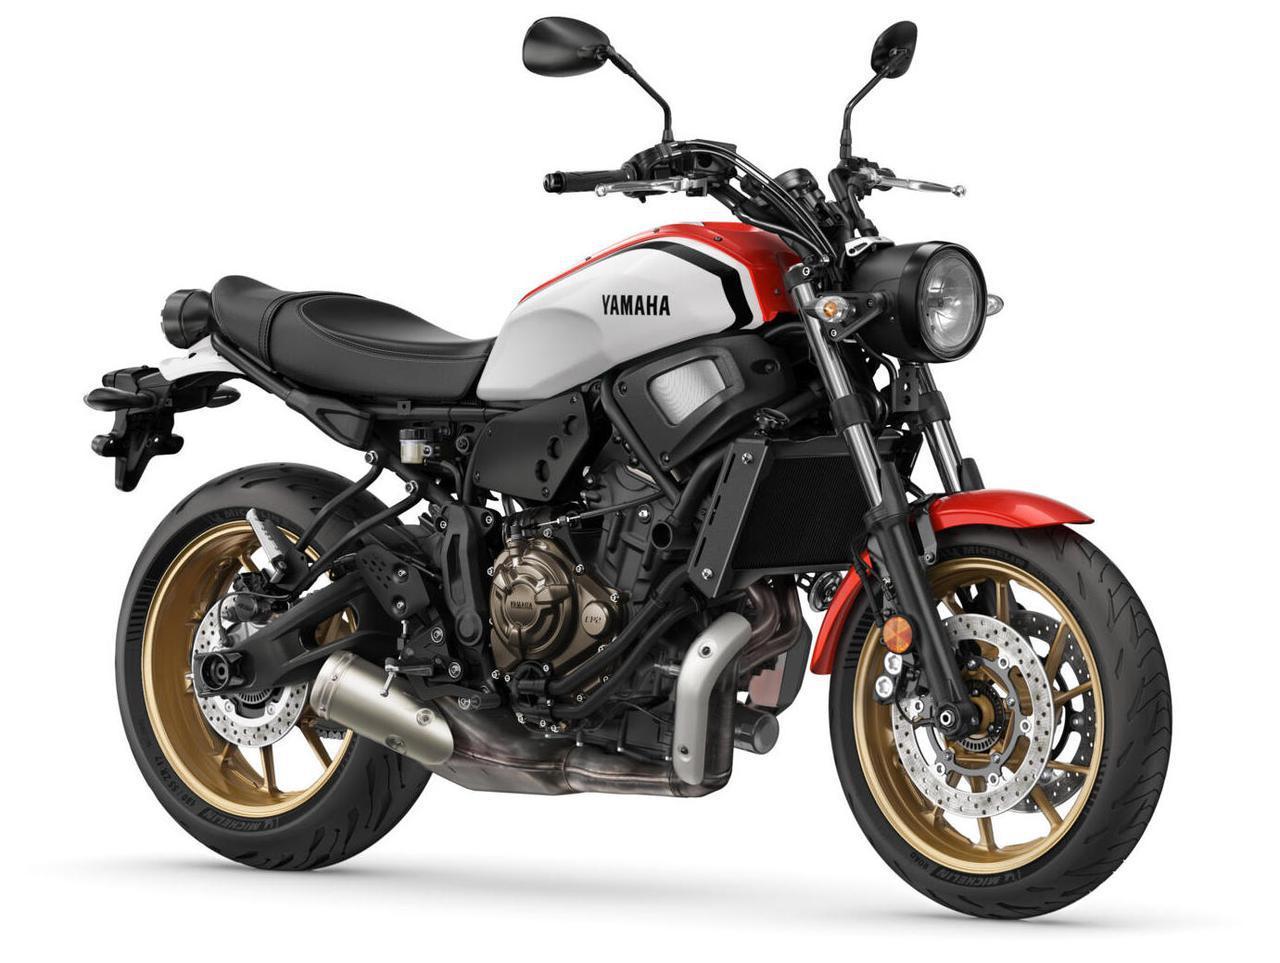 画像: YAMAHA XSR700 2022年モデル・海外仕様 総排気量:689cc エンジン形式:水冷4ストDOHC4バルブ並列2気筒 シート高:835mm 車両重量:186kg